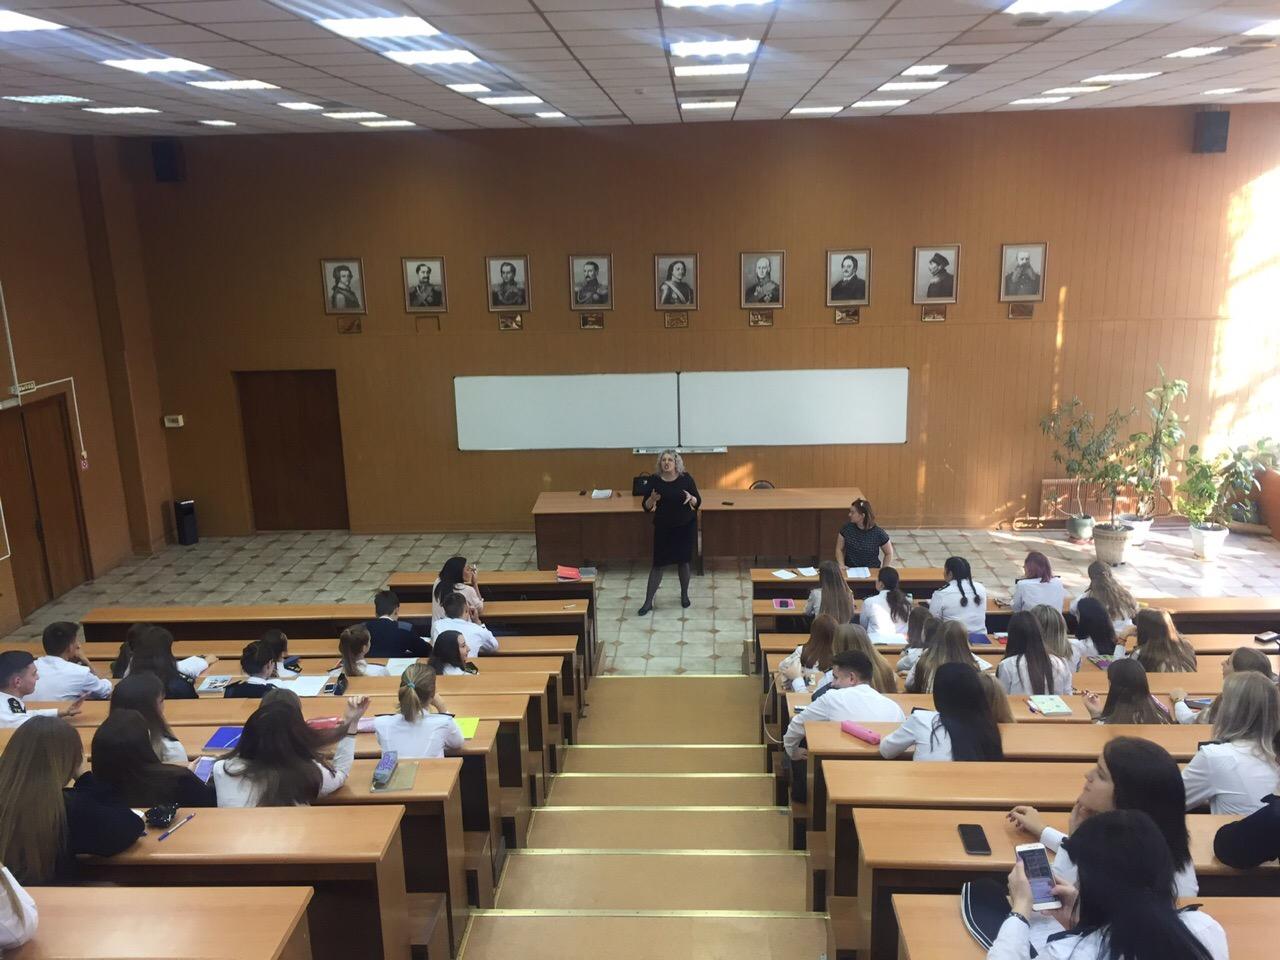 В Государственном морском университете им. адмирала Ф.Ф. Ушакова состоялся открытый урок в рамках «Дня финансовой грамотности»